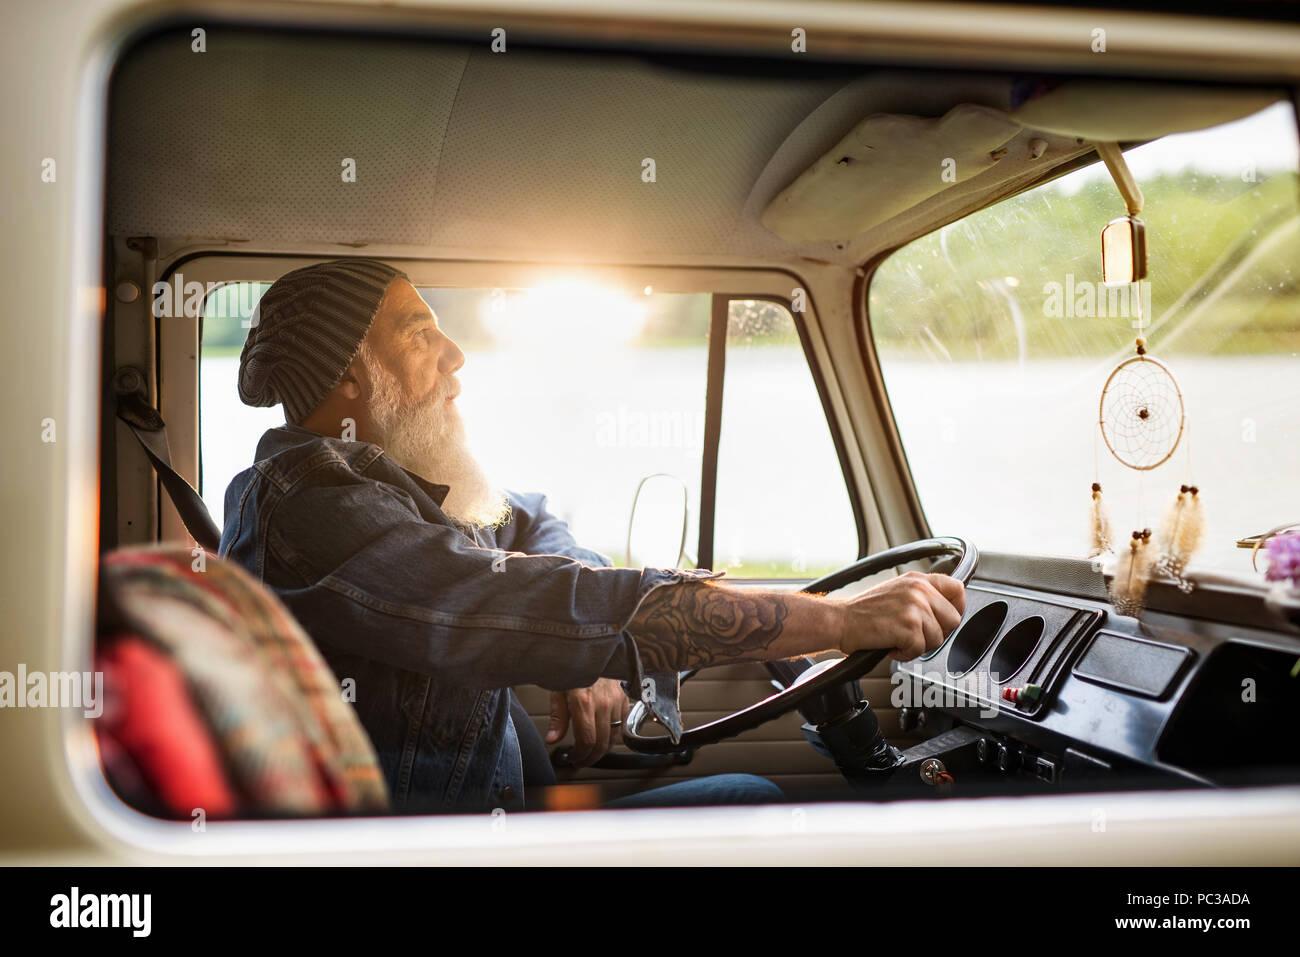 La conduite d'un hipster Senior van en pleine campagne Photo Stock